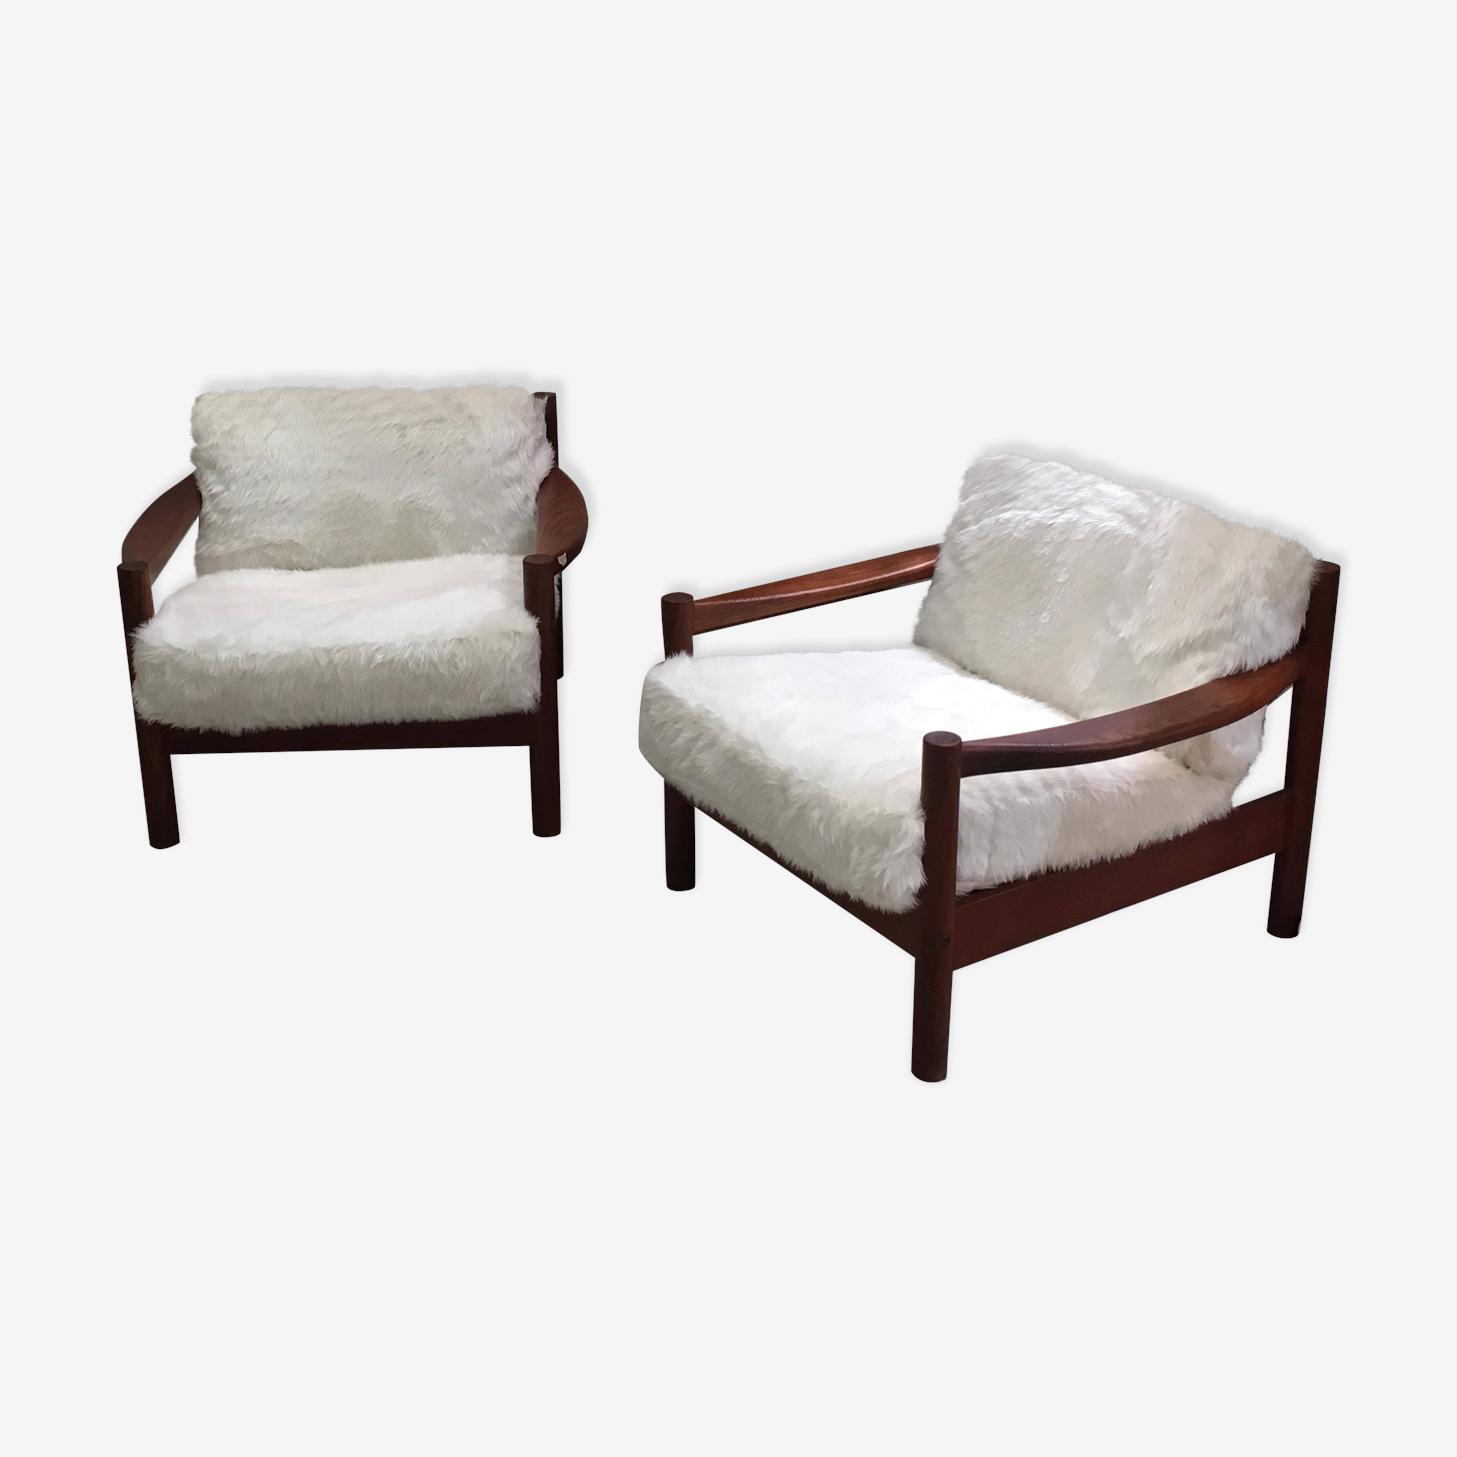 Paire de fauteuils scandinaves années 60 en fourrure